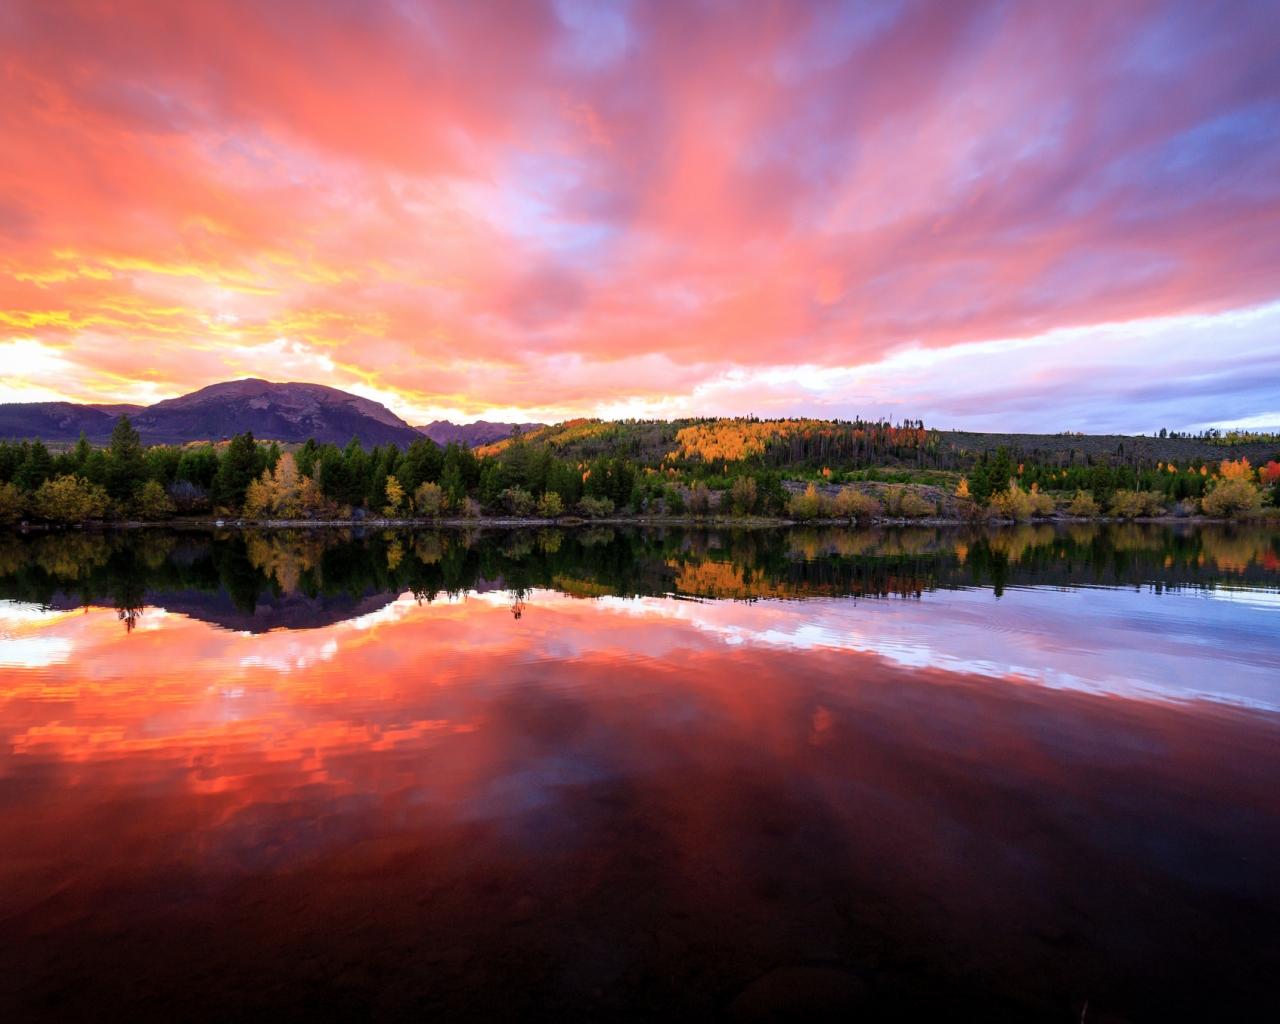 Bellos reflejos en un lago - 1280x1024